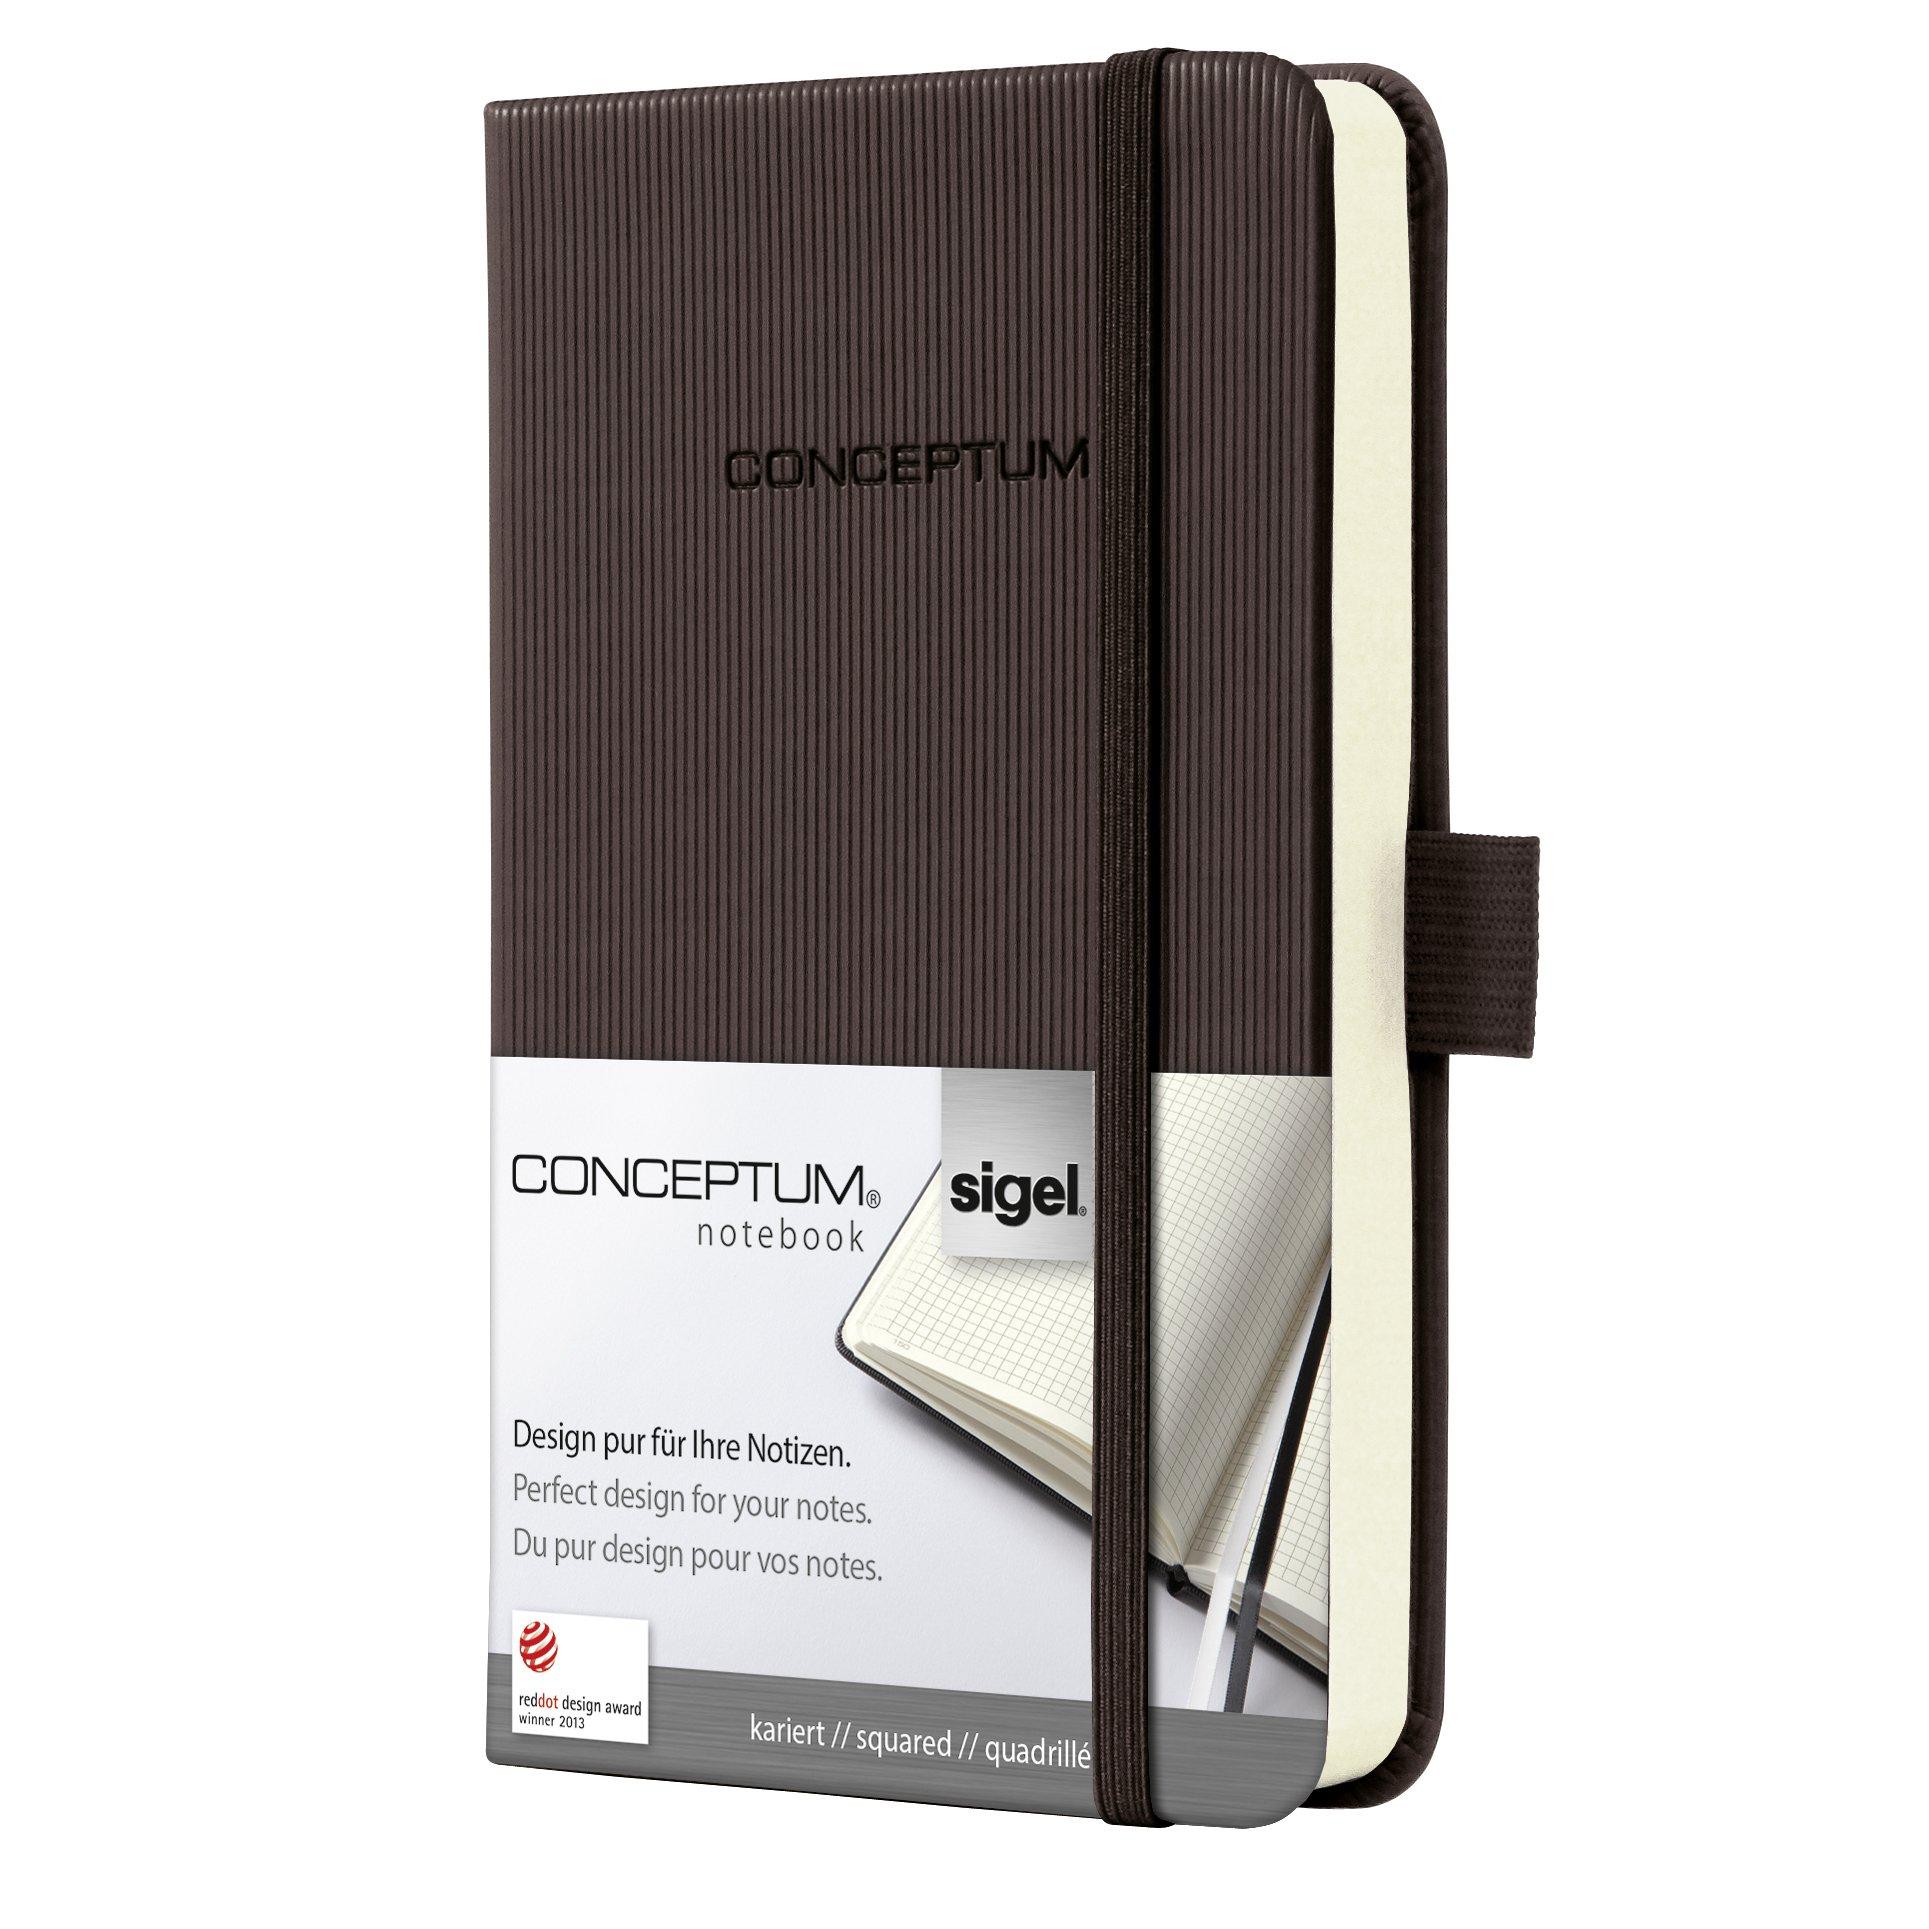 SIGEL CO564 Carnet de notes, env. A6 9,5 x 15 cm, petits carreaux, couverture rigide, marron foncé - Conceptum